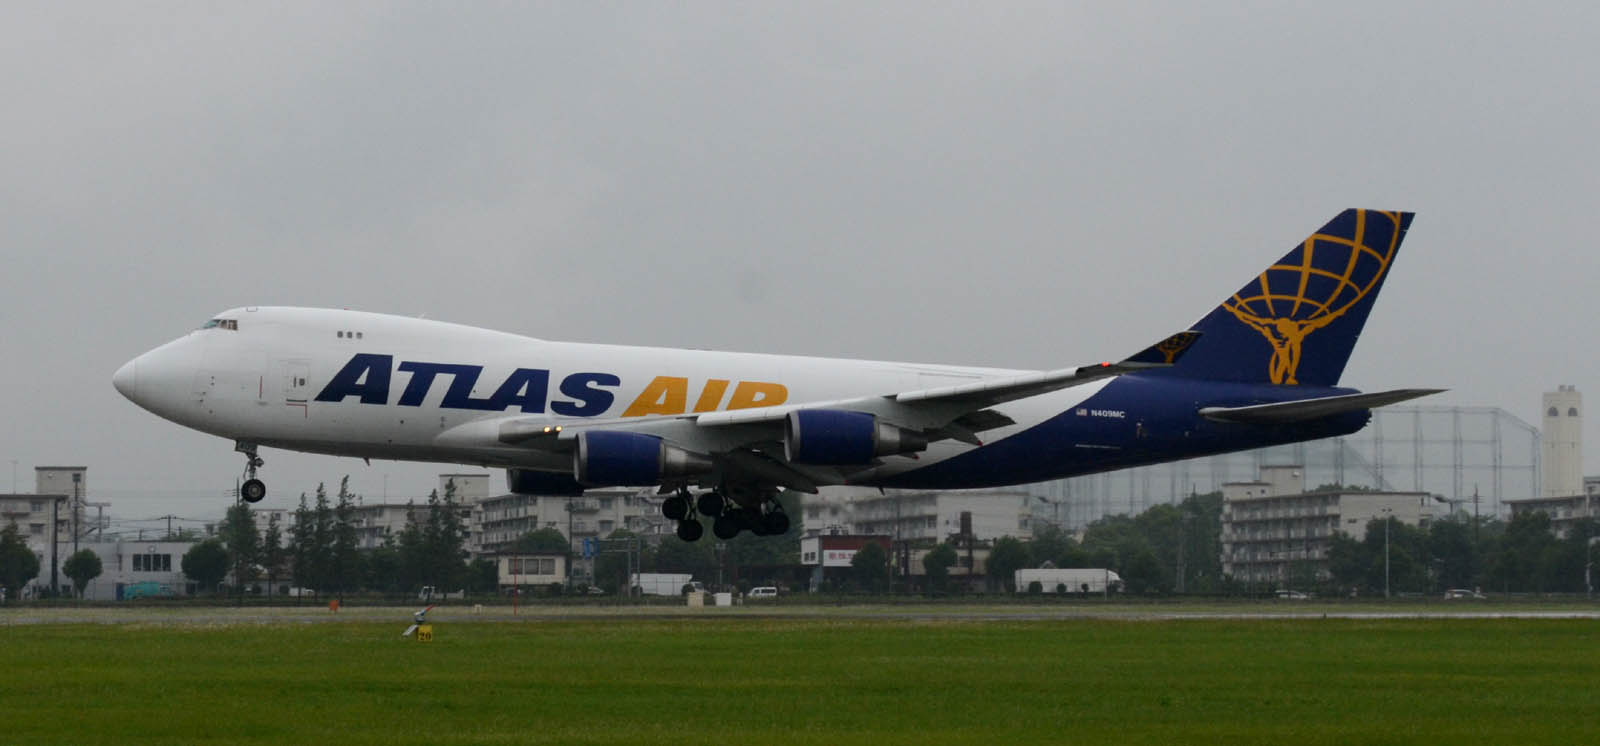 Atlas140611g736